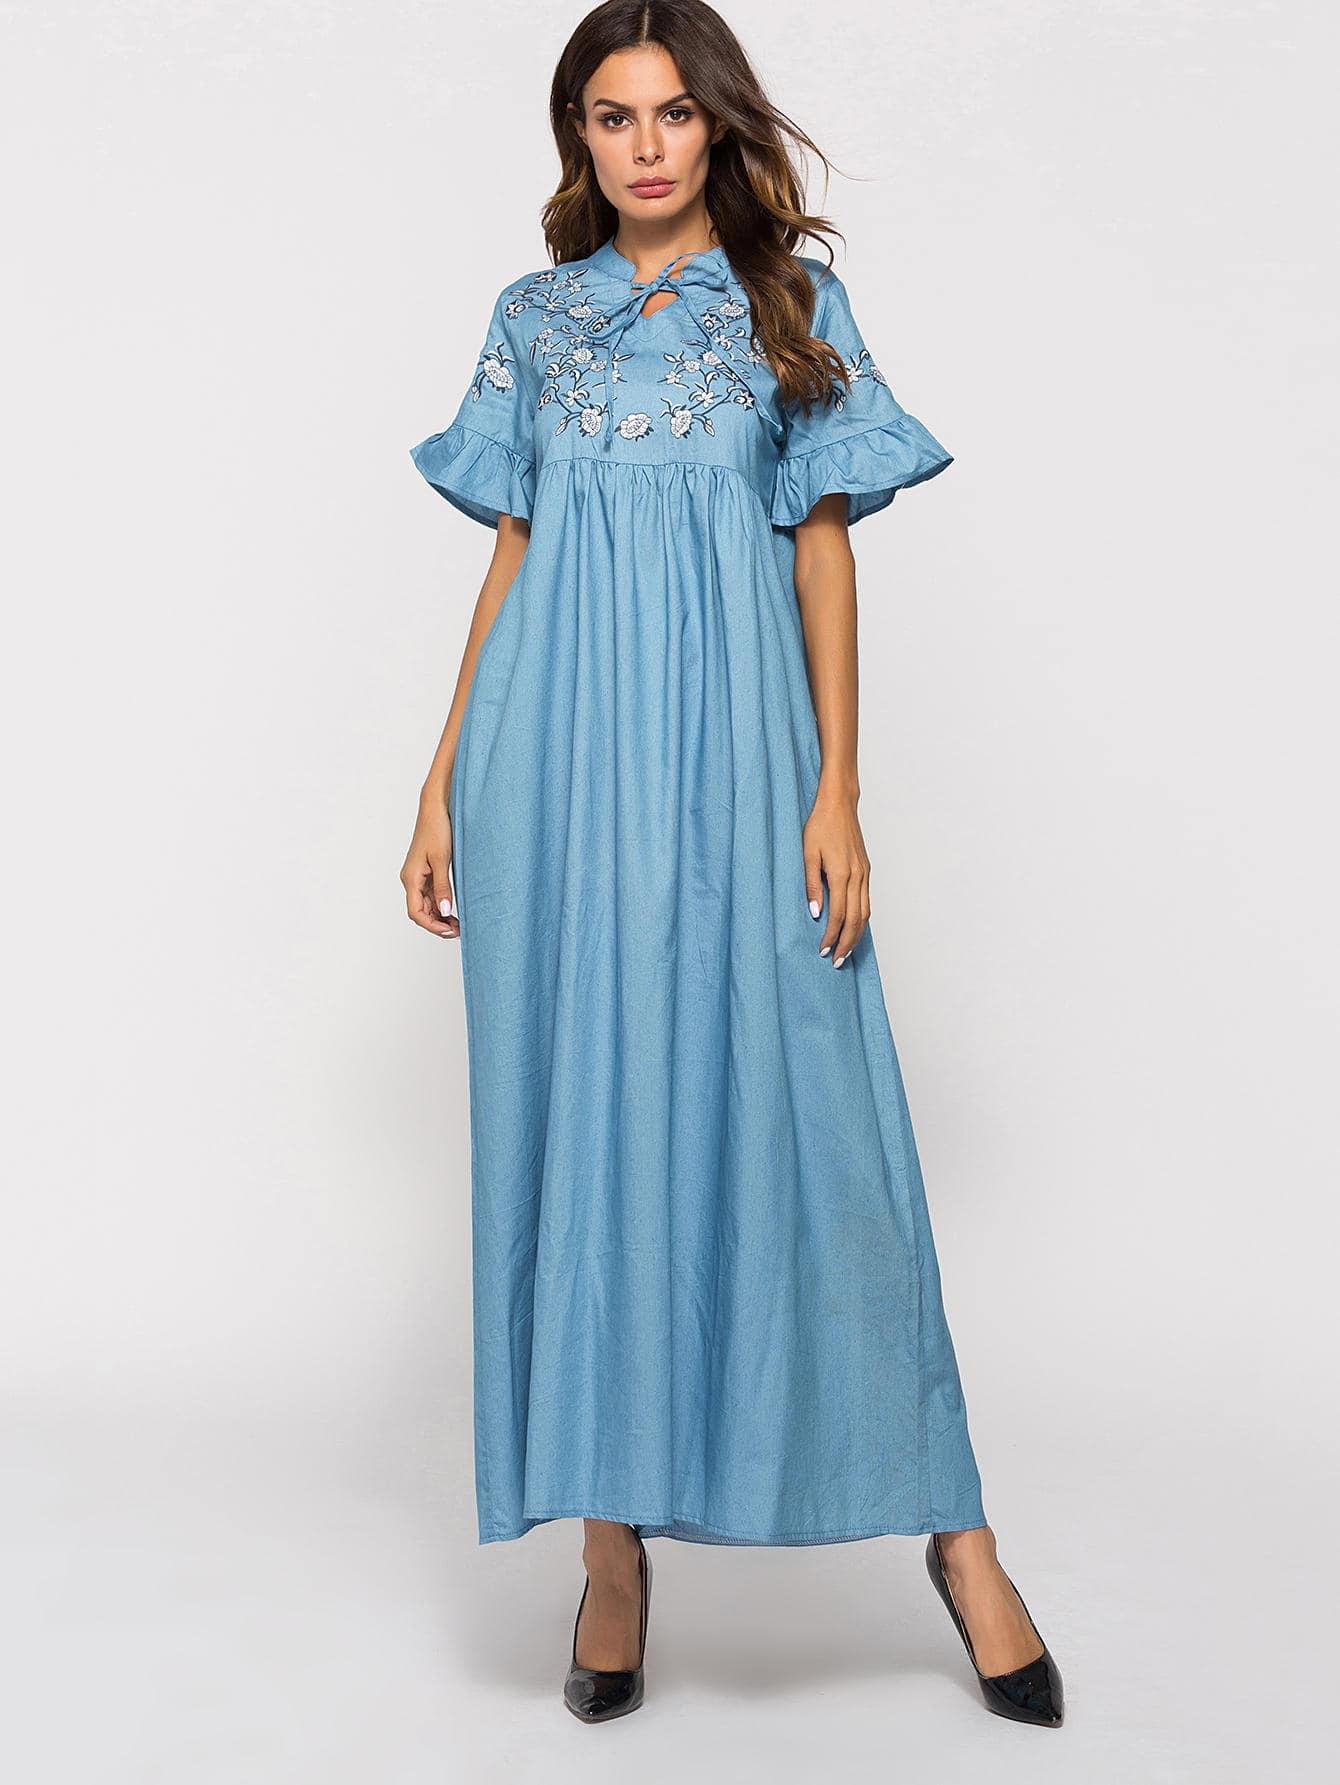 Купить Платье с рисунками вышитых цветов и рукава с розеткой, null, SheIn